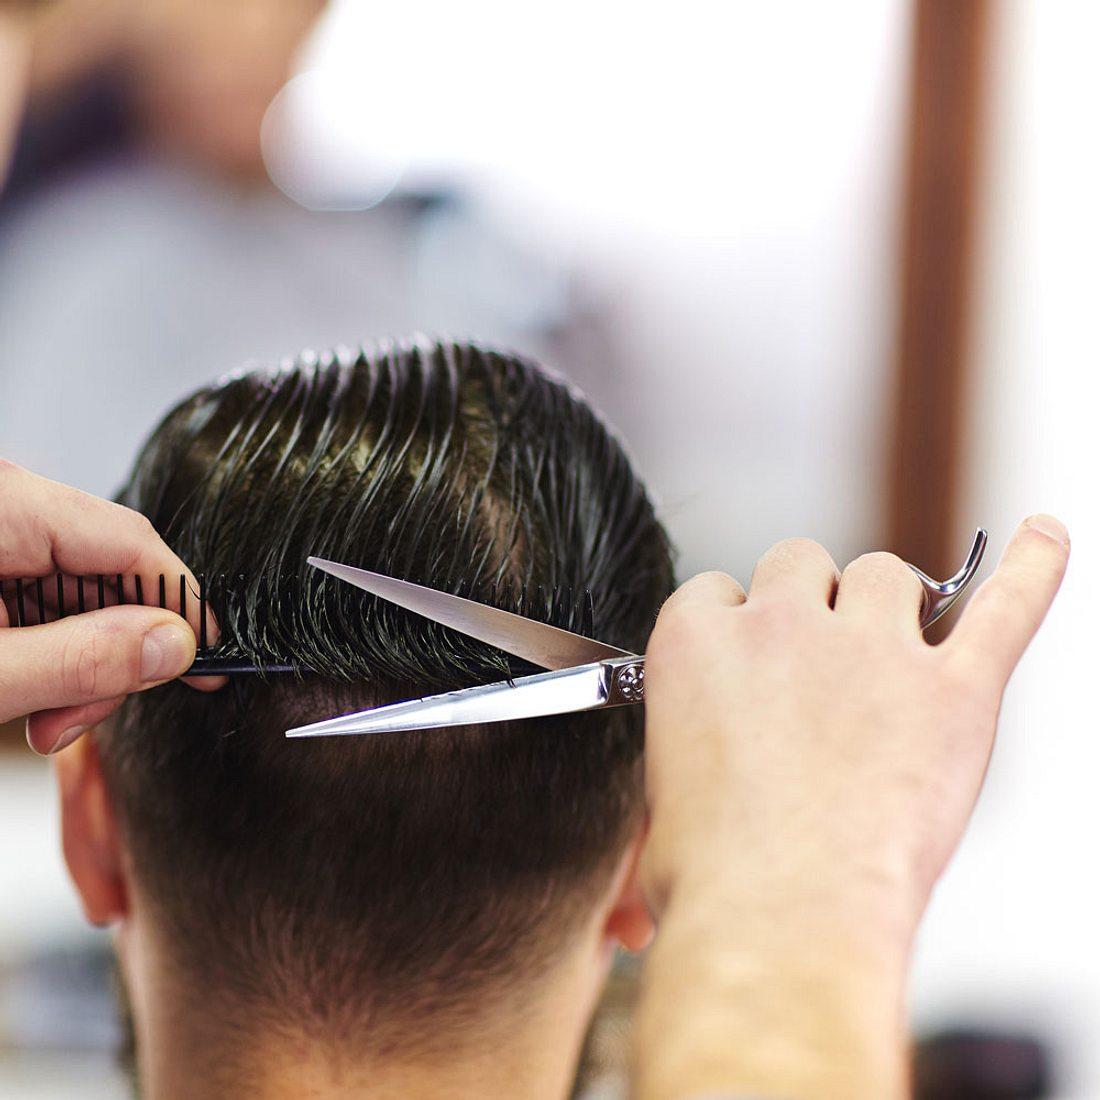 Wegen schlechtem Haarschnitt: Mann ersticht Friseur mit einem Fleischspieß!